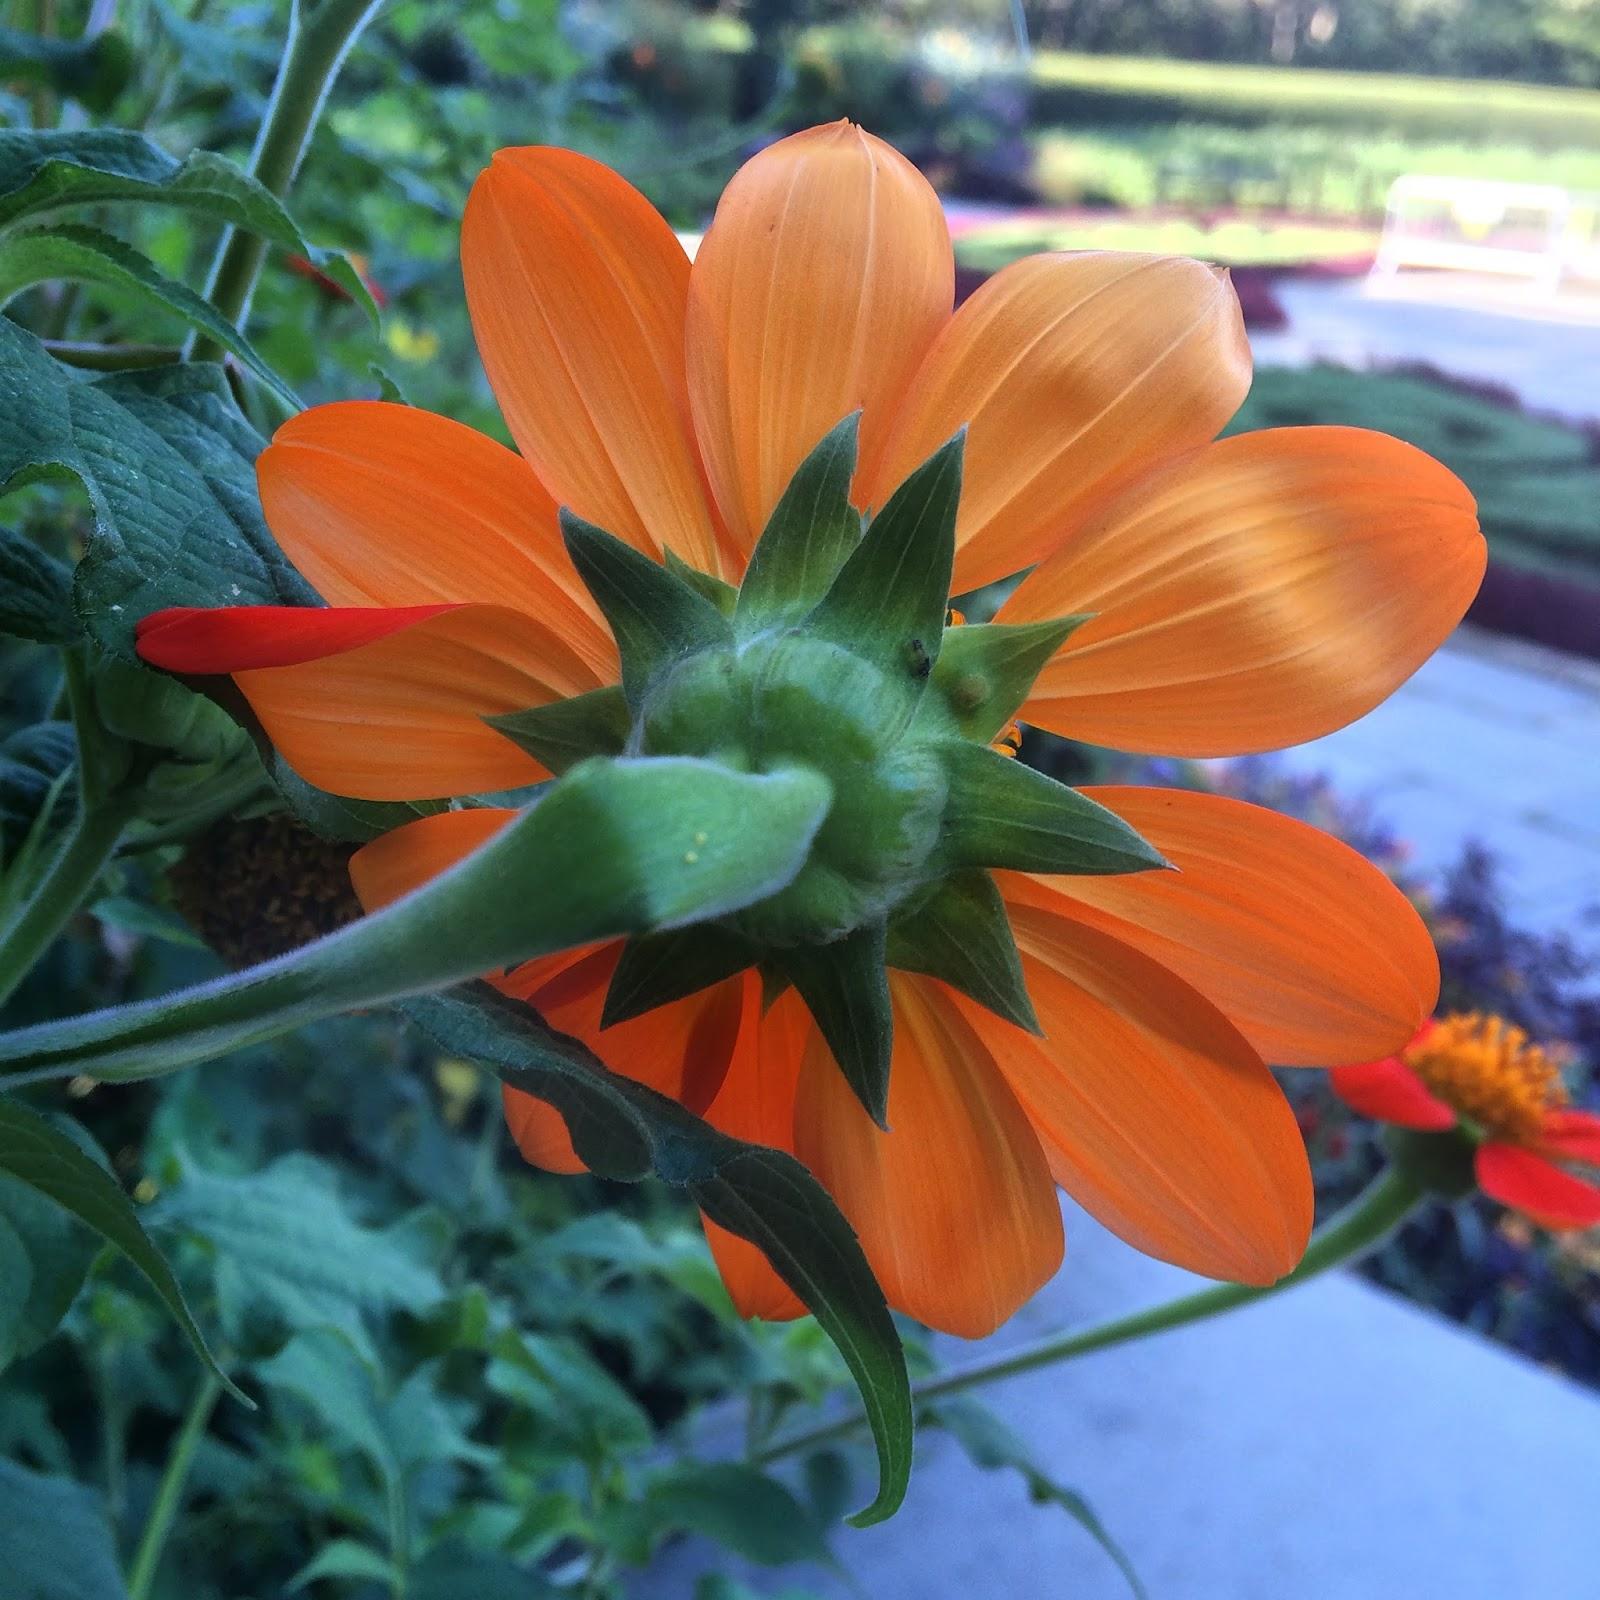 Flower Power, #conservatorygarden #flower #flowerpower #centralpark #nyc 2014